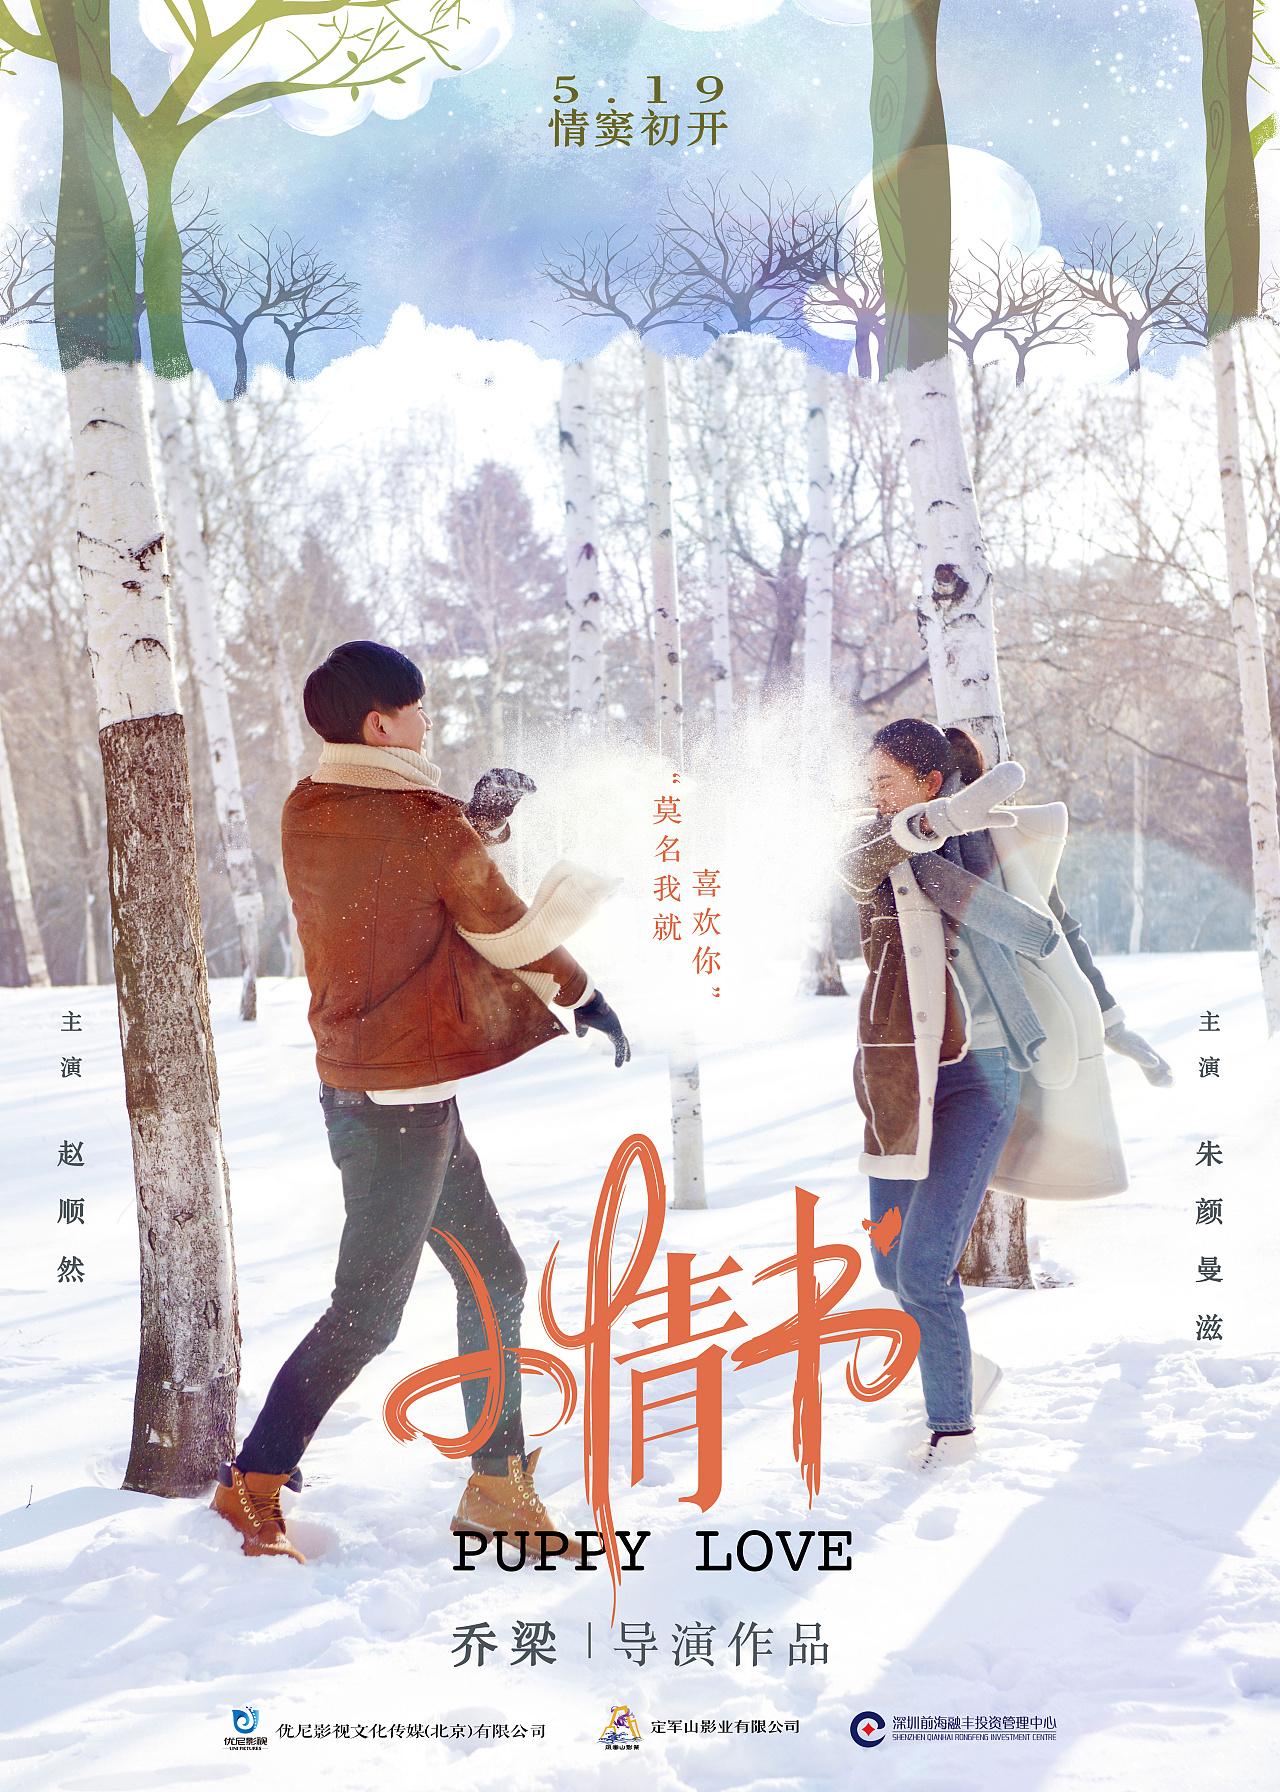 情书《小电影》电影心灵驿站海报下载图片